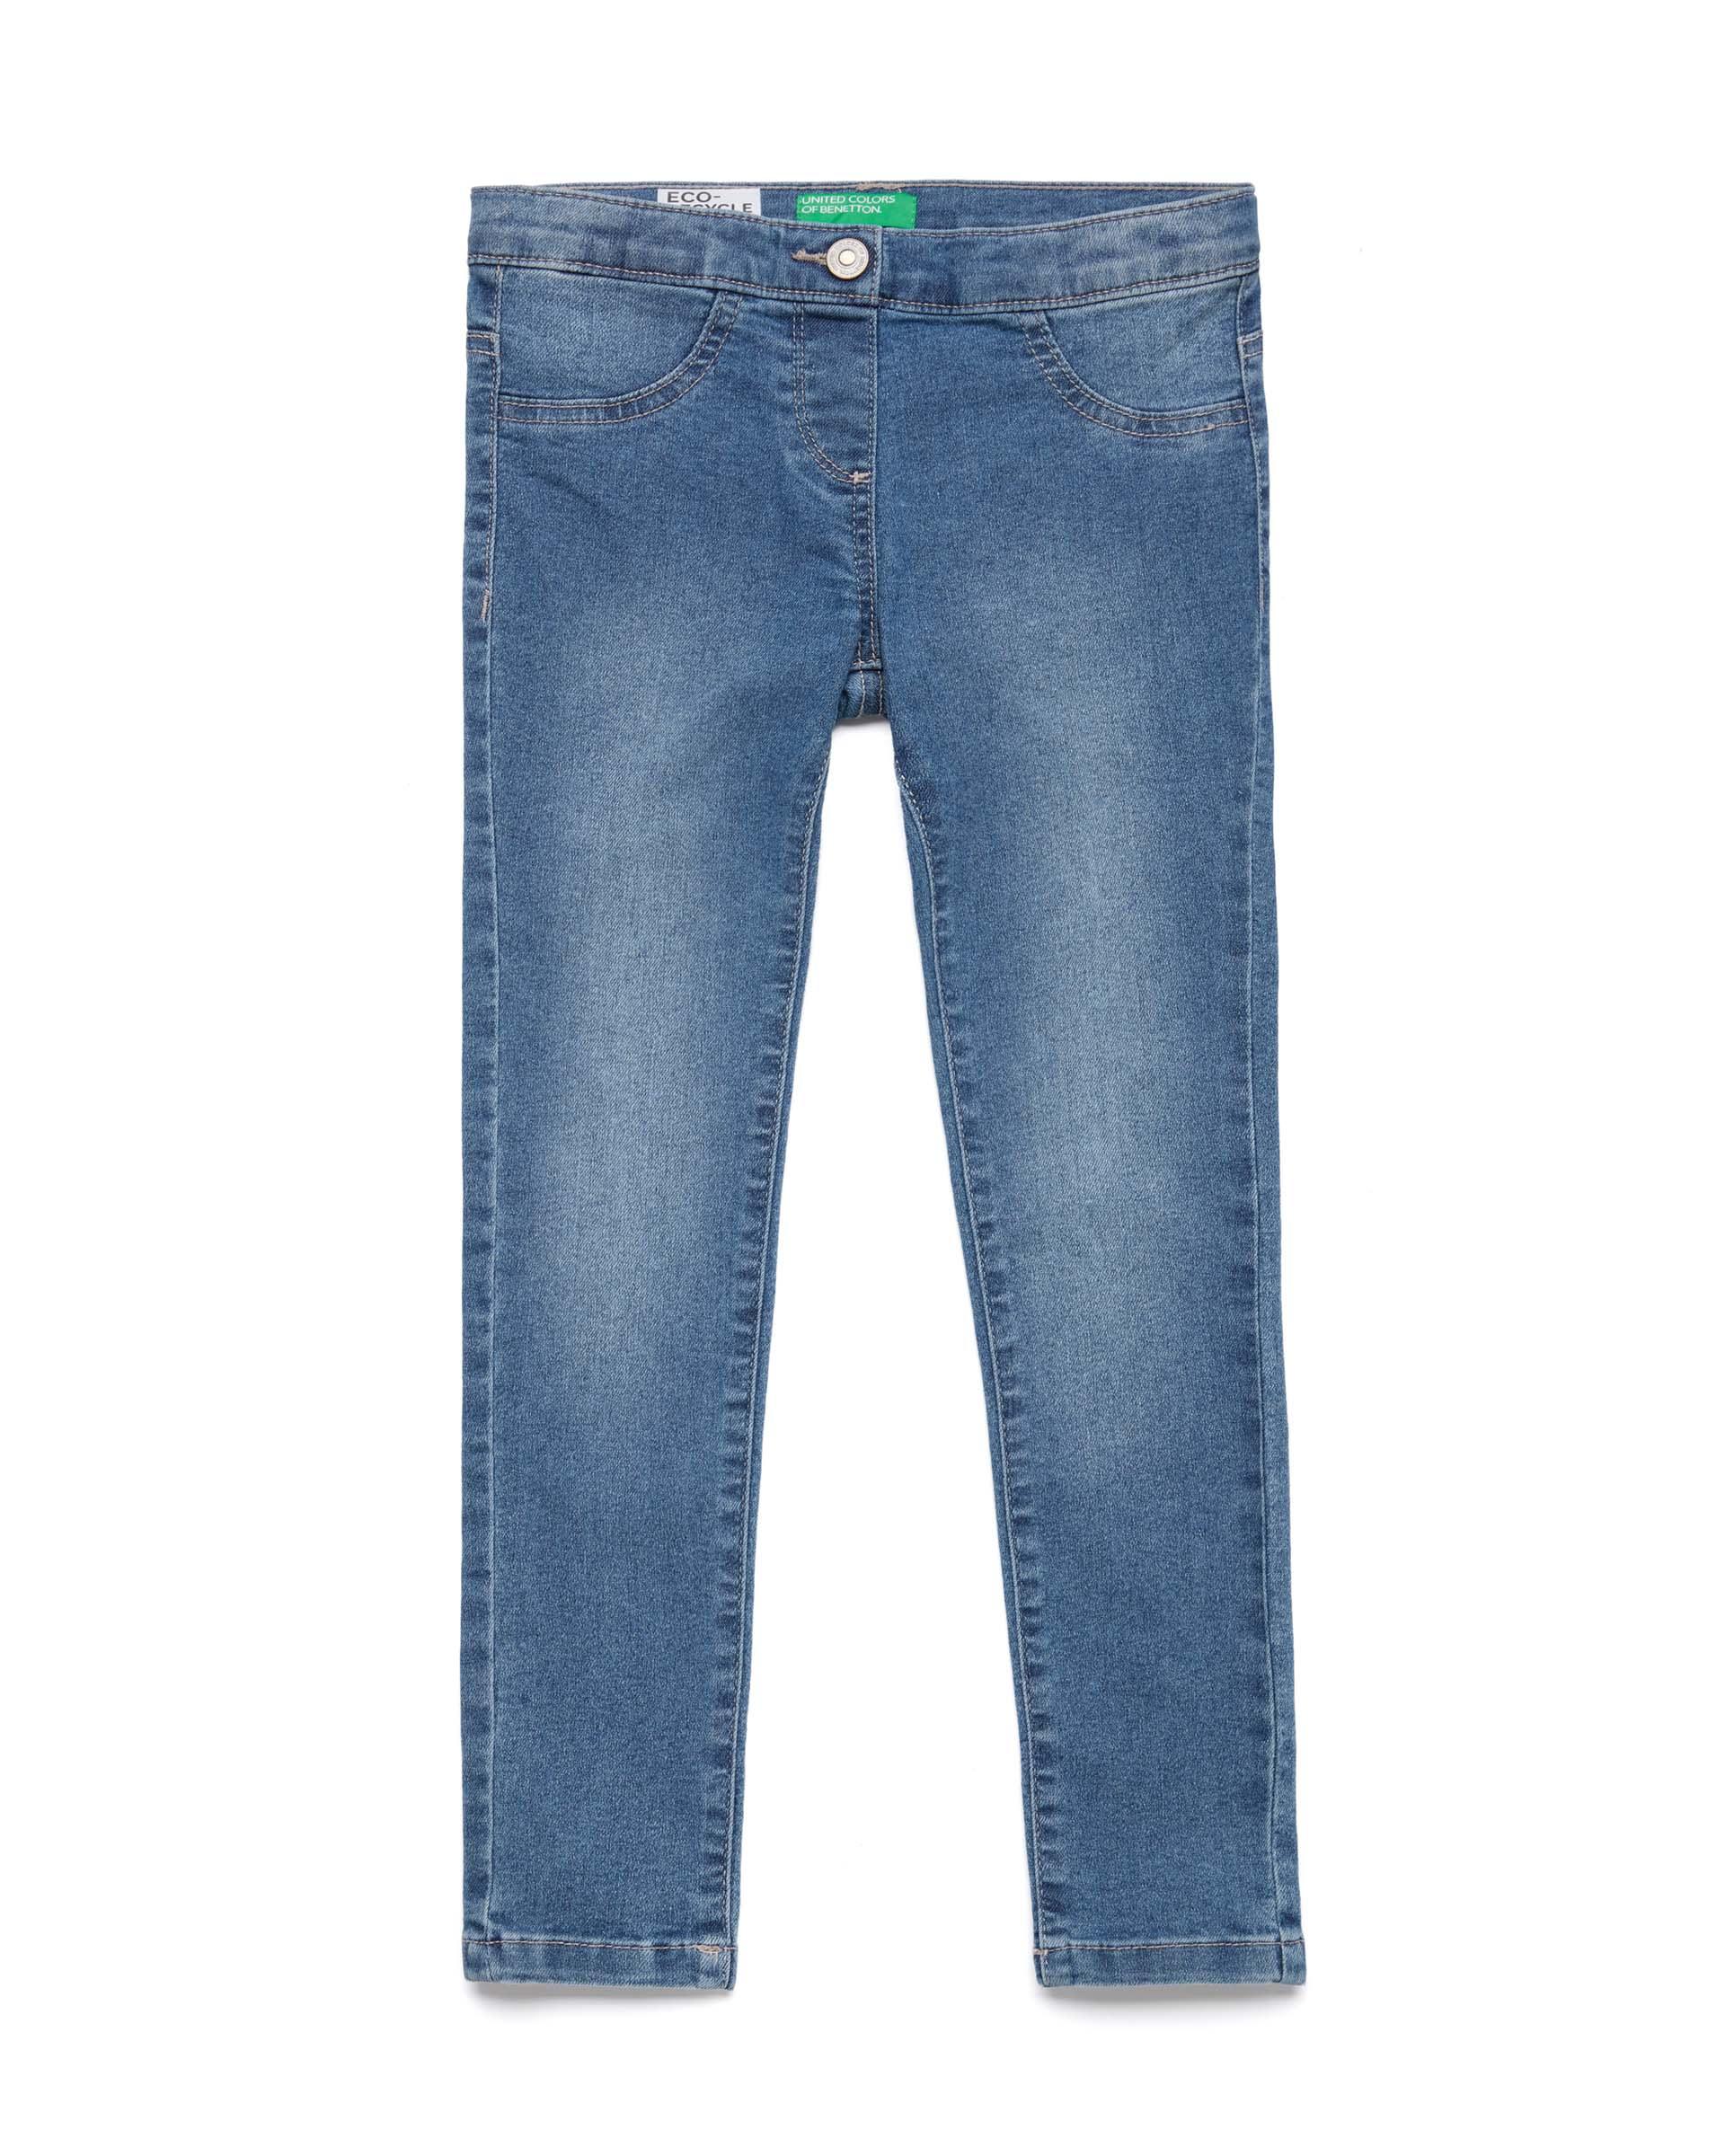 Купить 20P_4RW457LM0_902, Джинсы для девочек Benetton 4RW457LM0_902 р-р 152, United Colors of Benetton